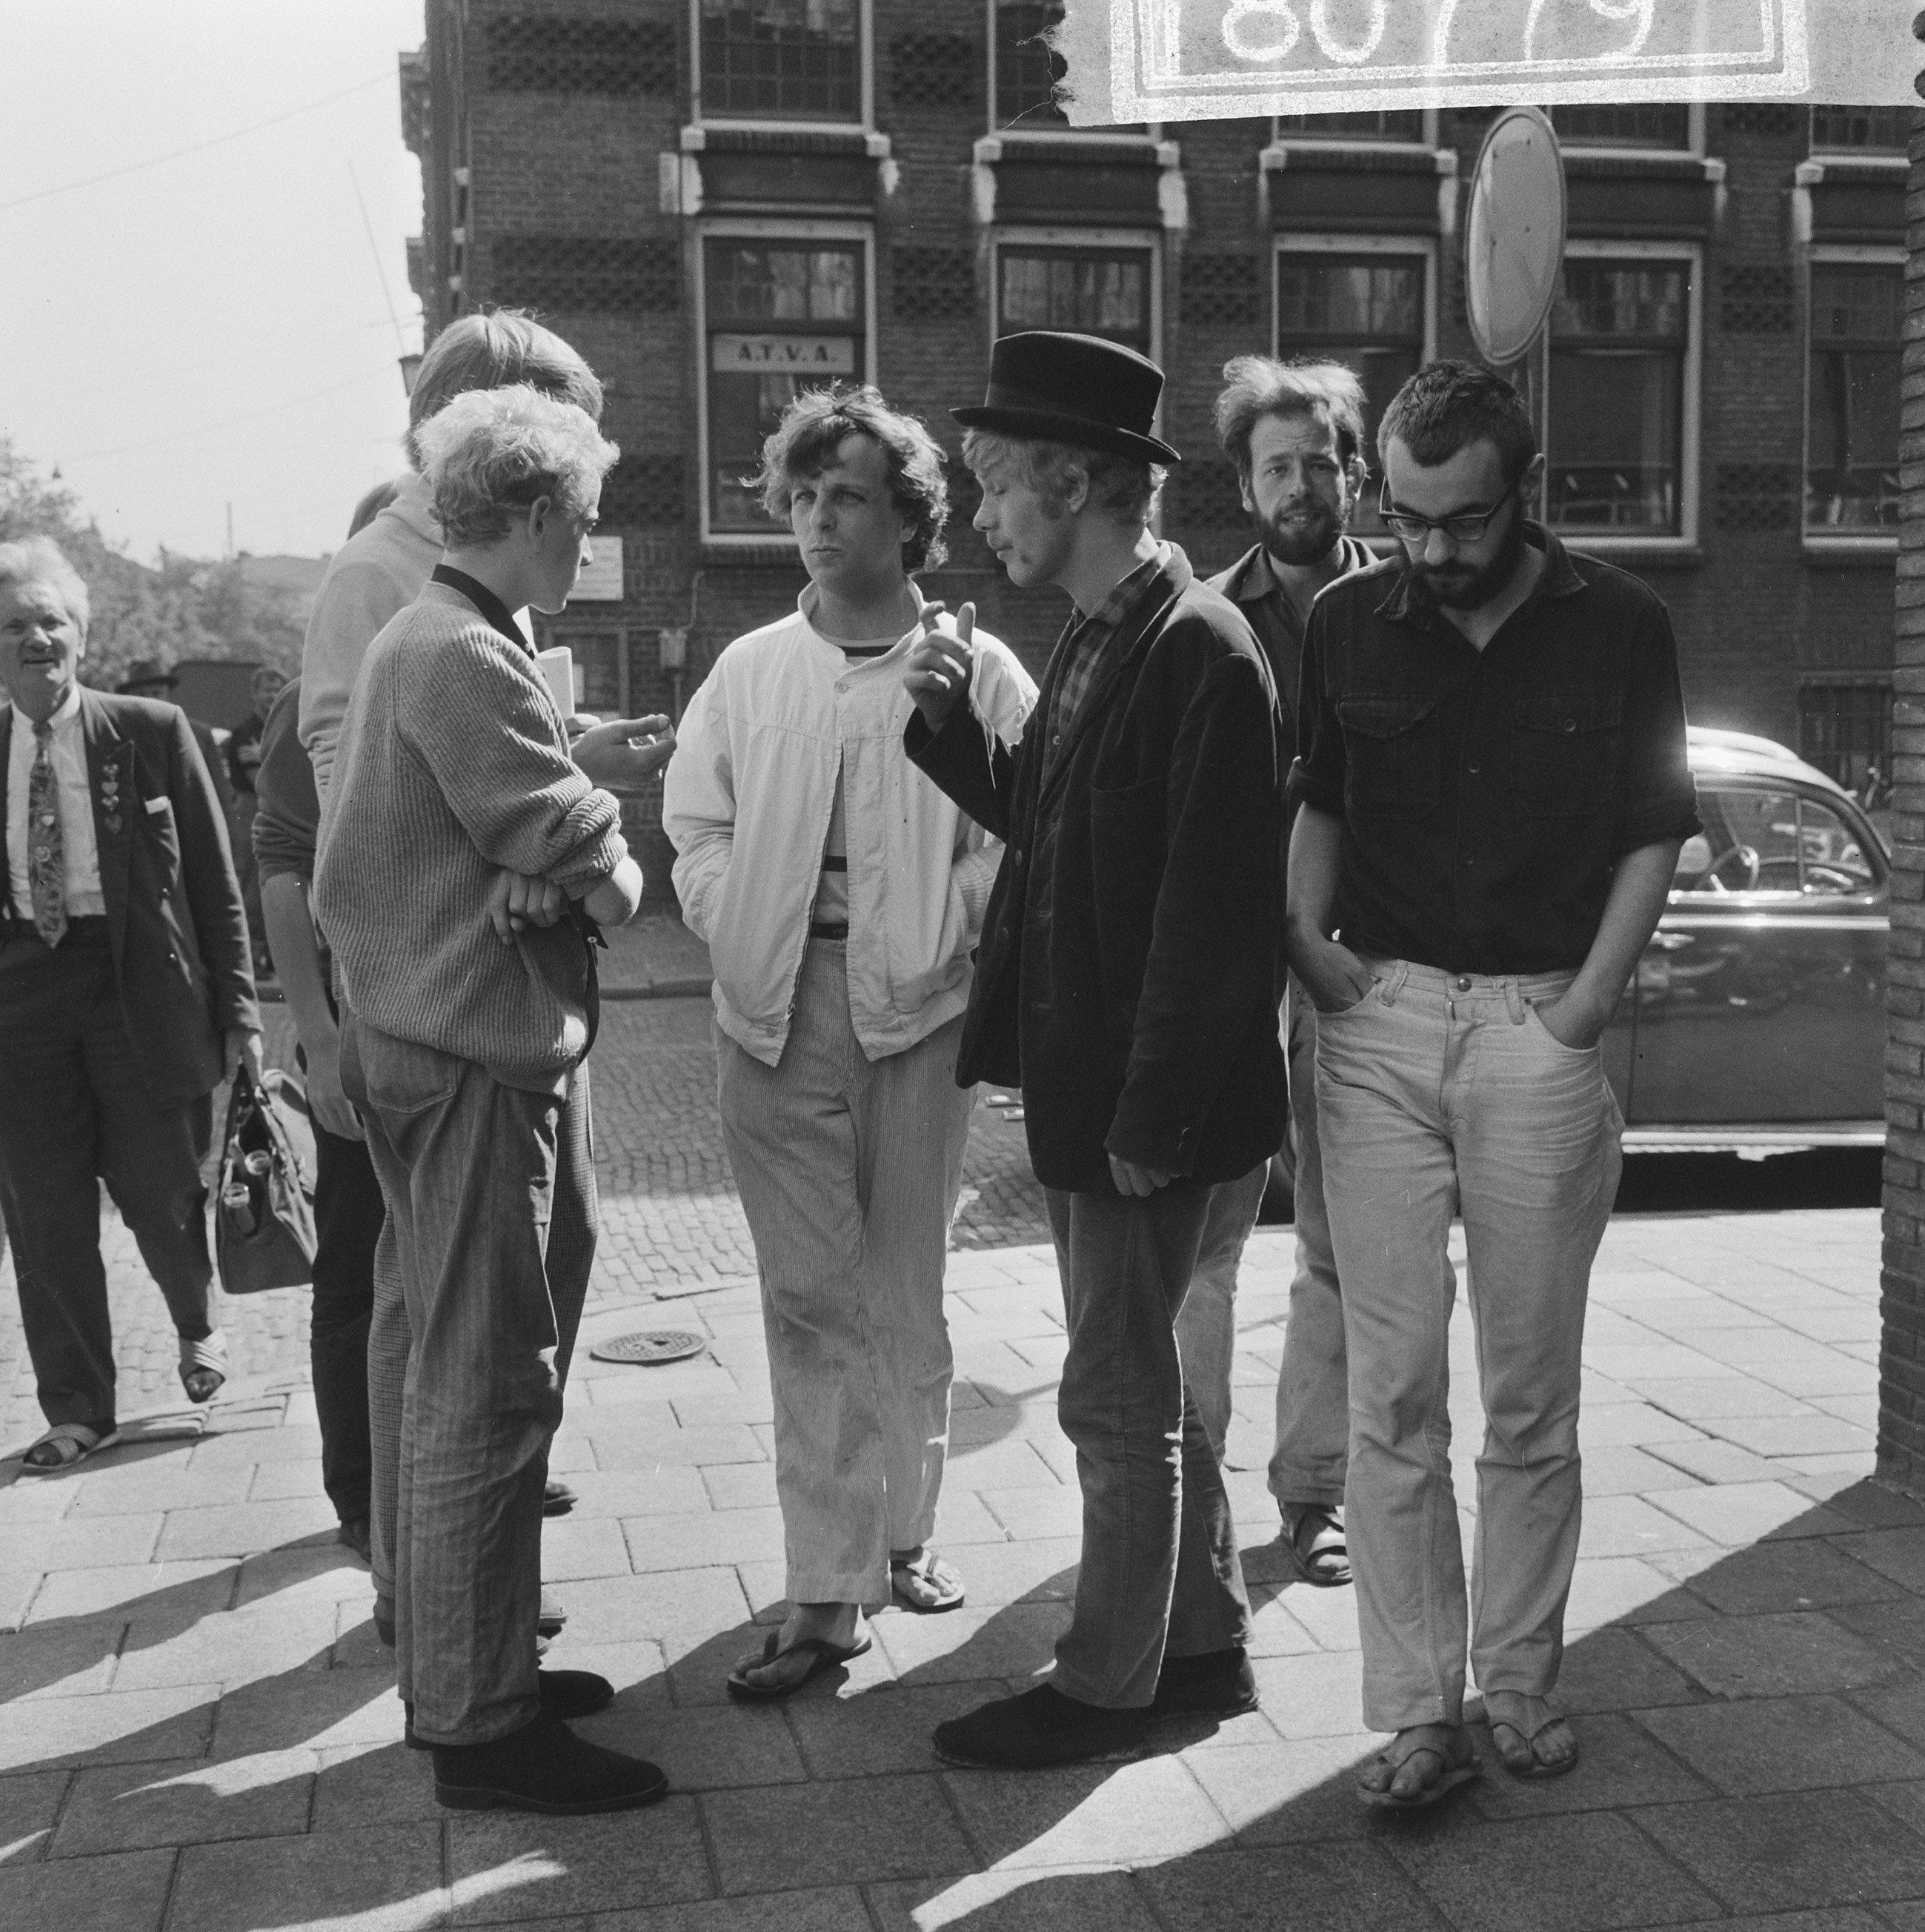 Drie vooraanstaande provo's in Amsterdam, 1965: Robert Jasper Grootveld (in witte jas), Rob Stolk (met hoed) en Roel van Duyn (rechts).